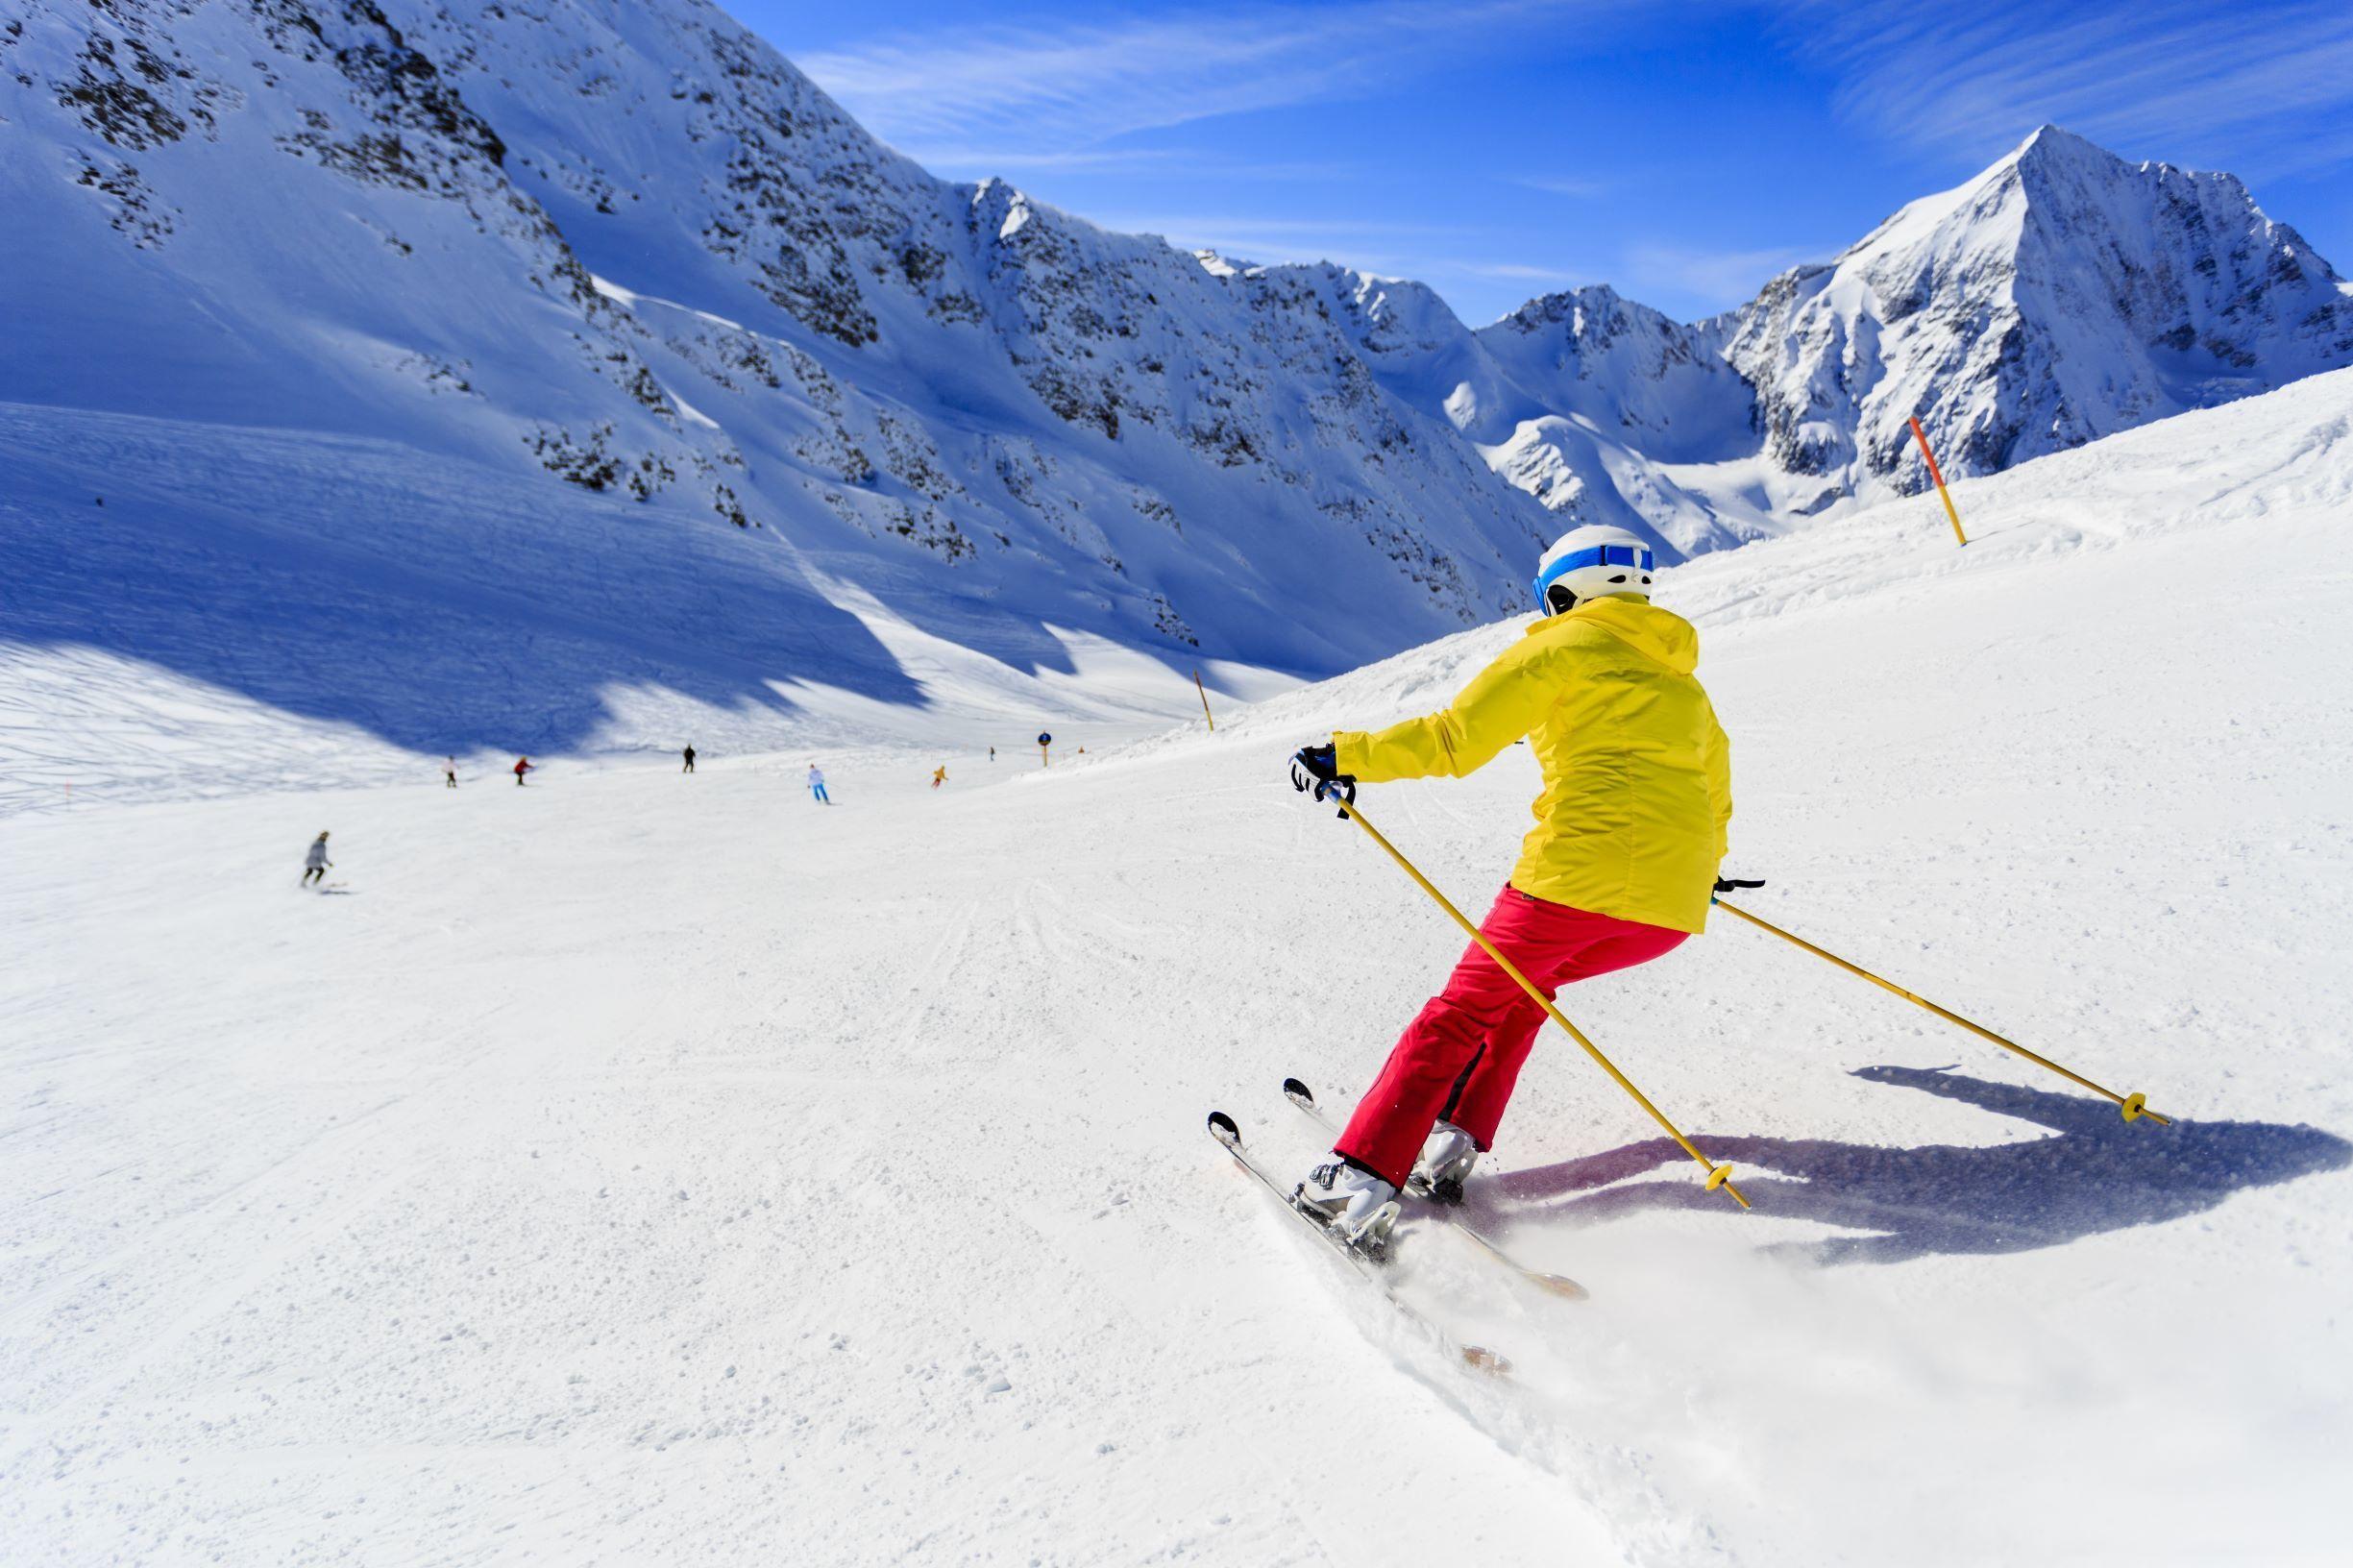 Les Portes du Soleil: grensoverschrijdend wintersporten